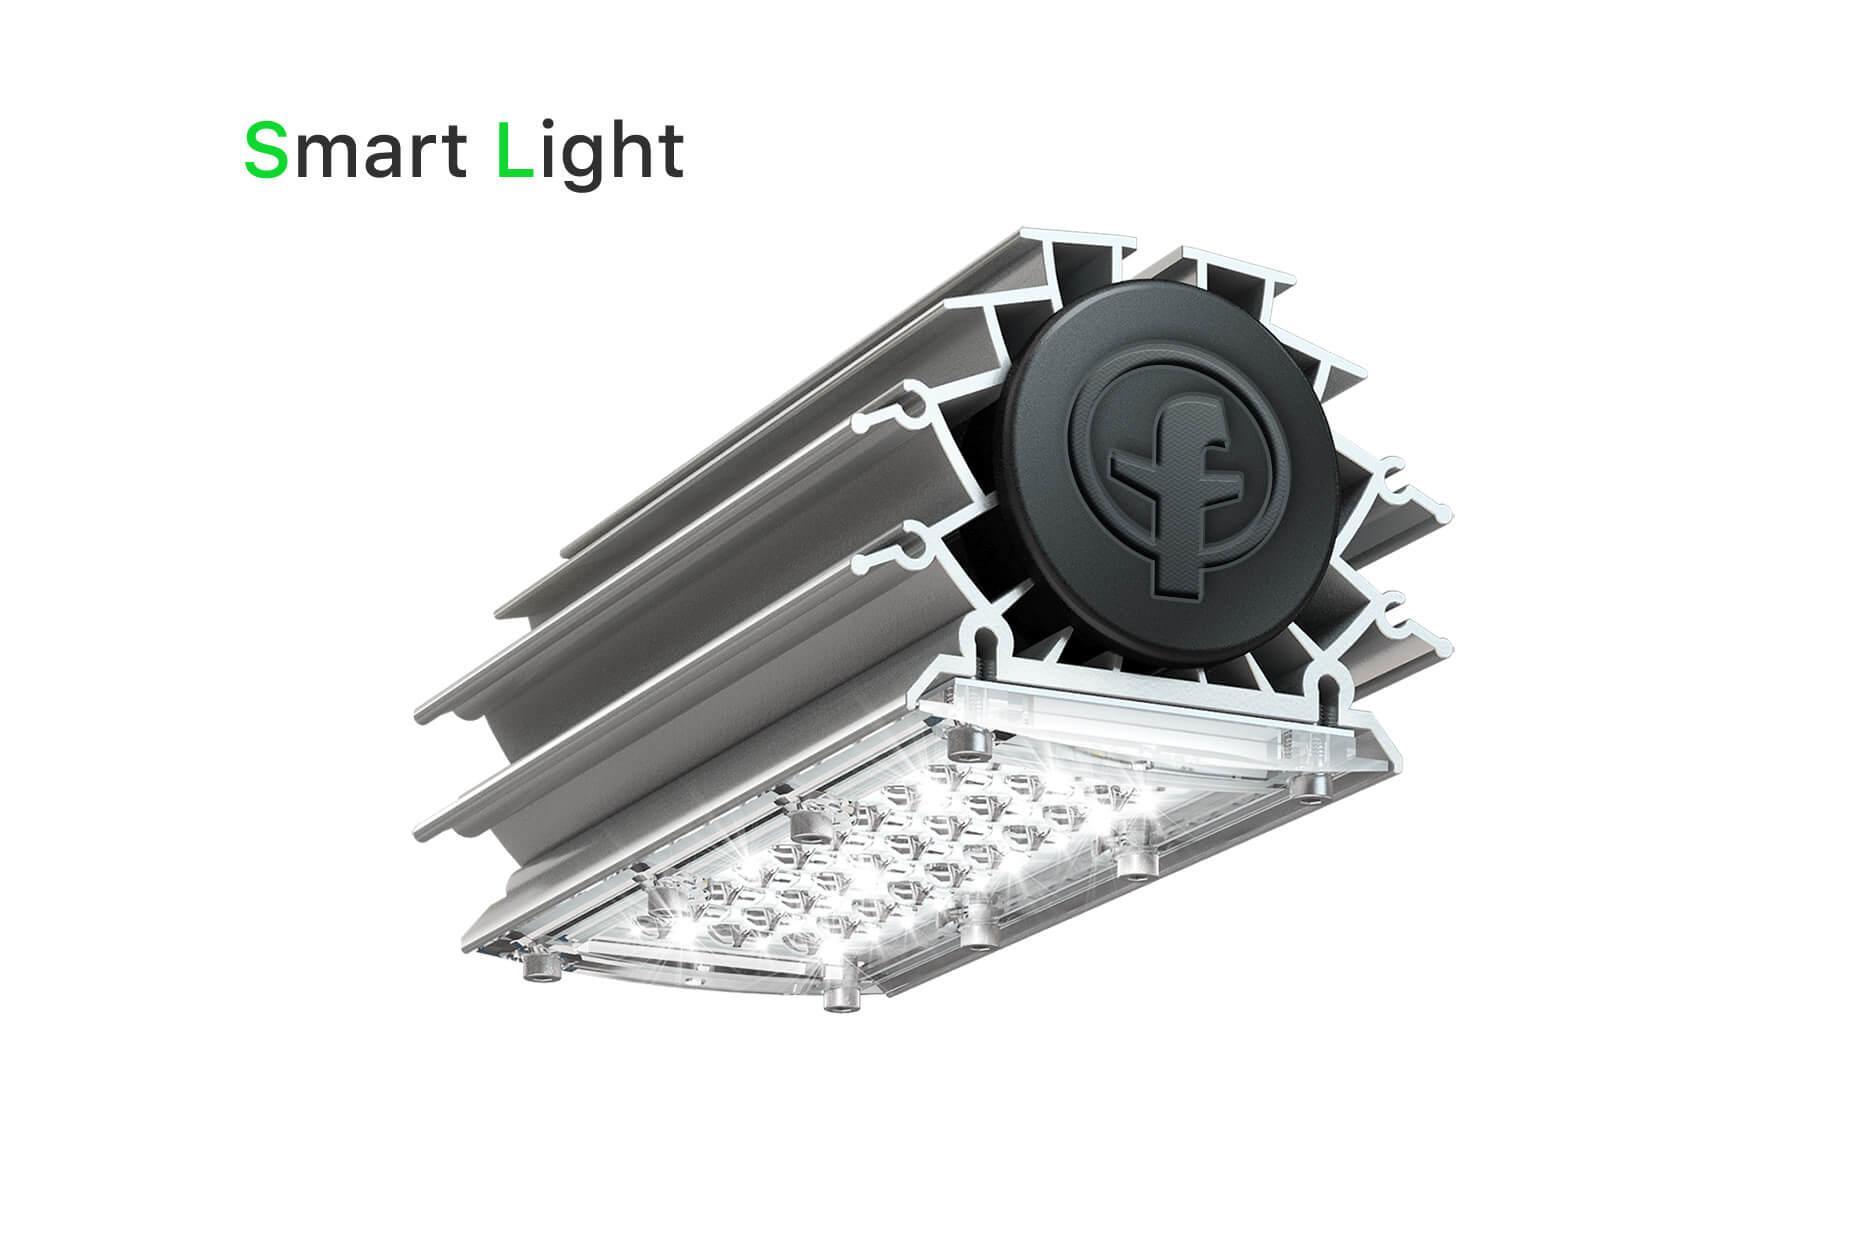 Промышленный светодиодный светильник Fitons Prom 60 Умный свет